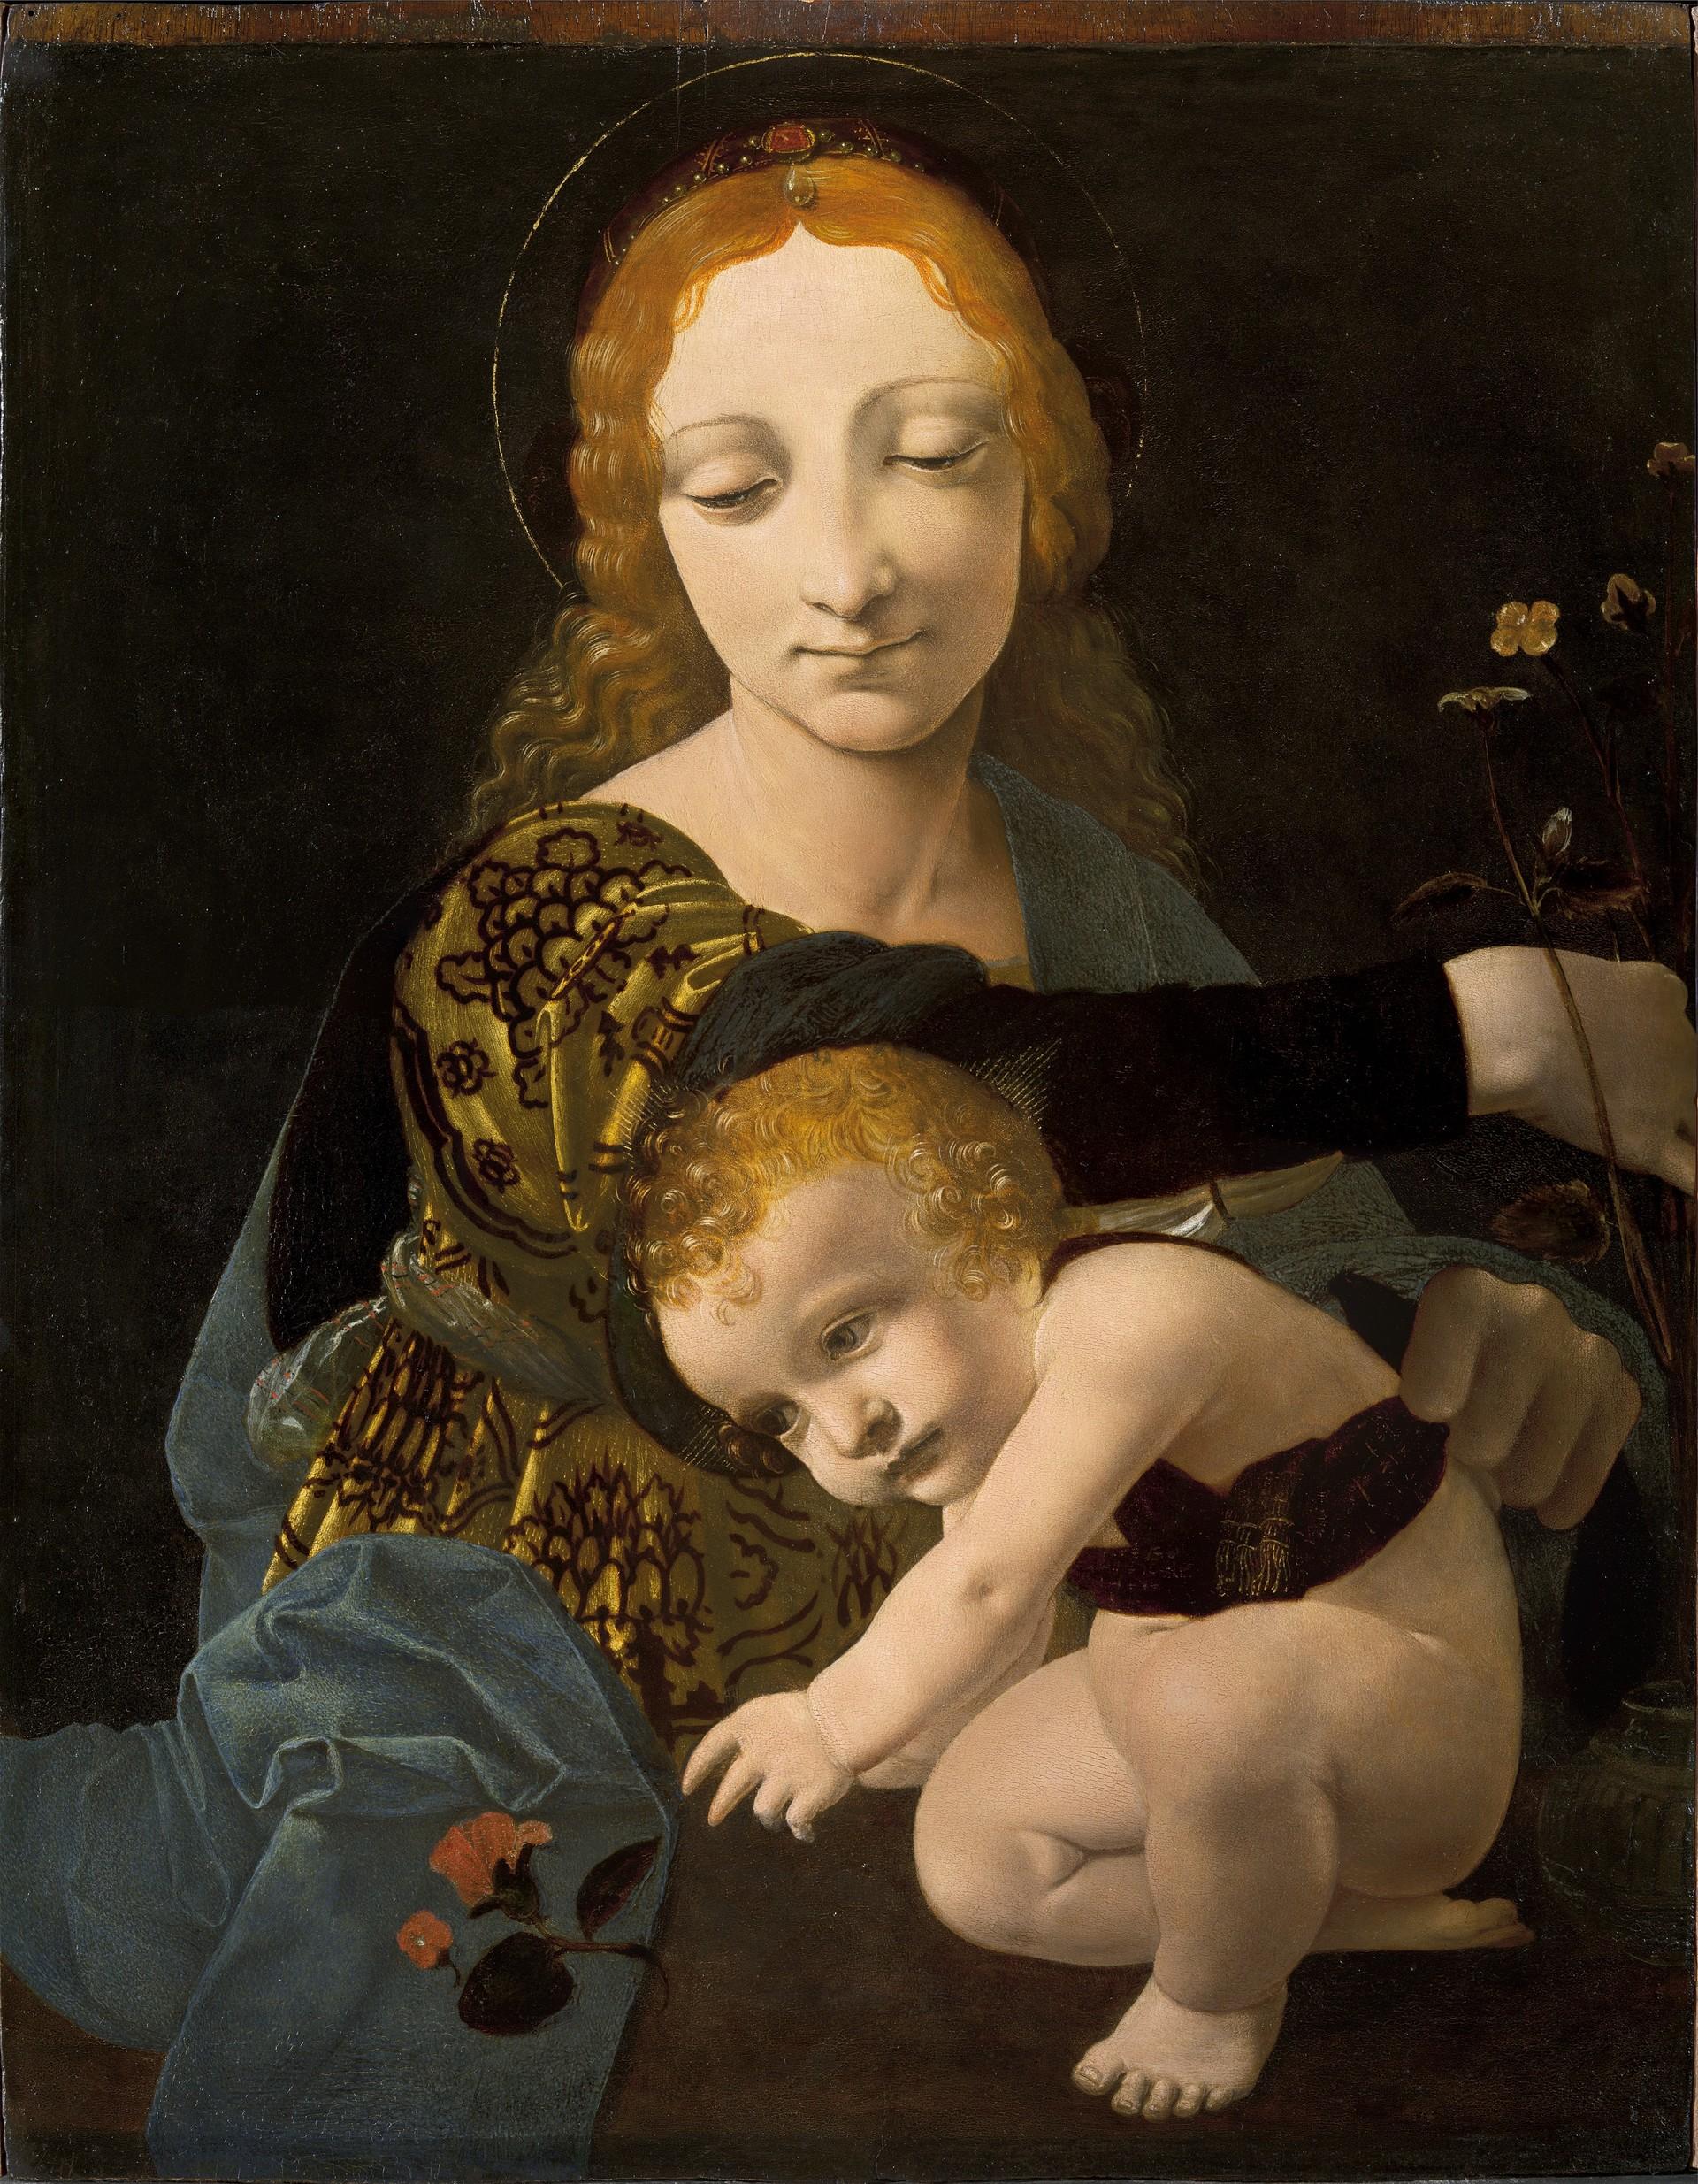 La Madonna con il Bambino di Giovanni Antonio Boltraffio, eseguita verso il 1485-1487 e custodita nel Museo Poldi Pezzoli